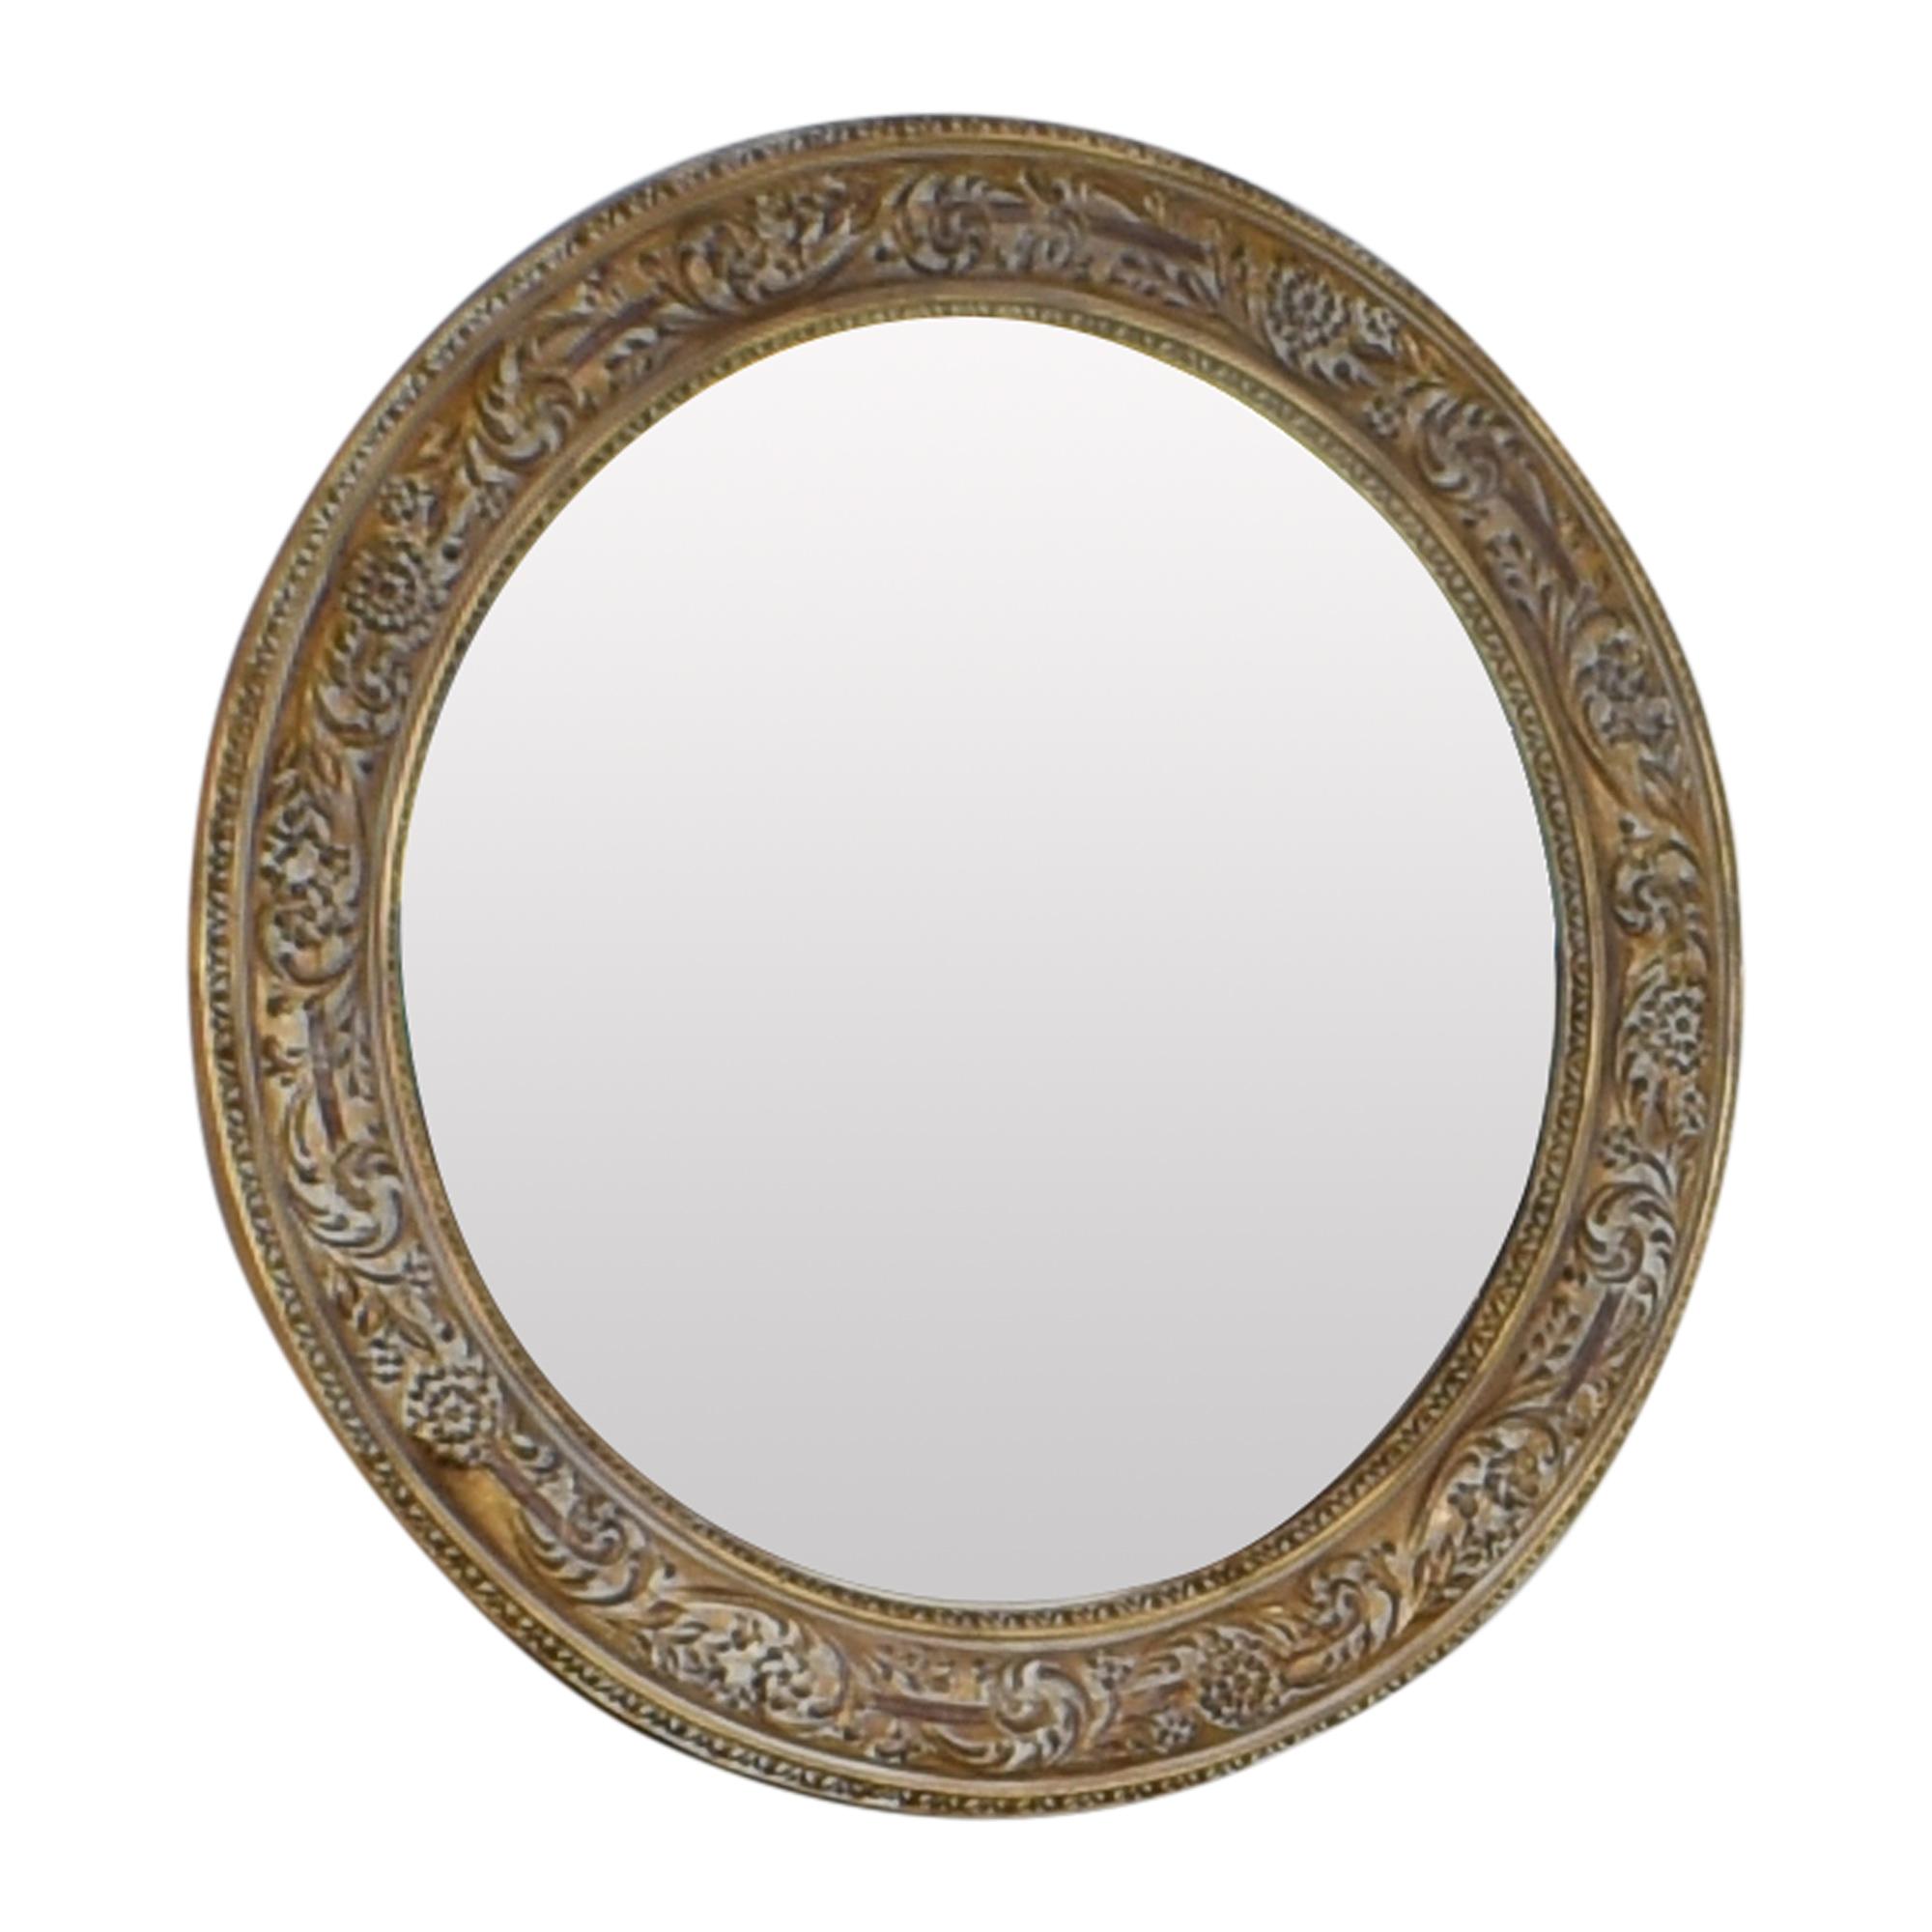 Ethan Allen Ornately Framed Mirror Ethan Allen